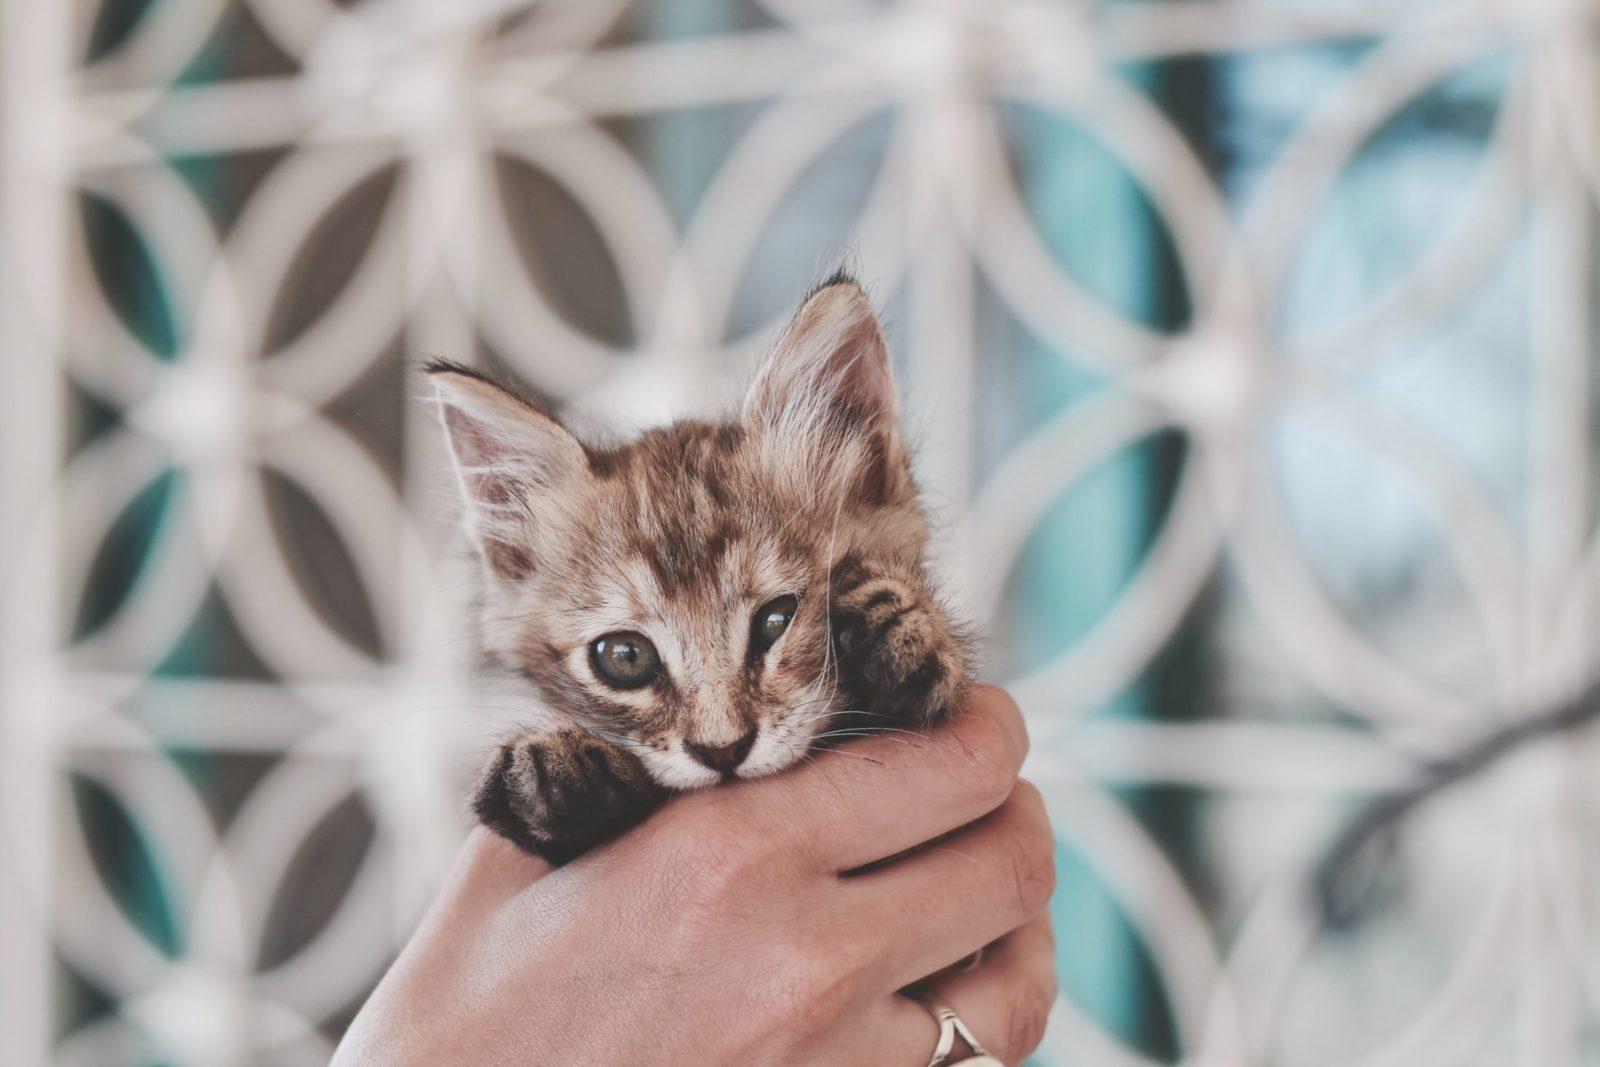 filhote para adoção de gatos